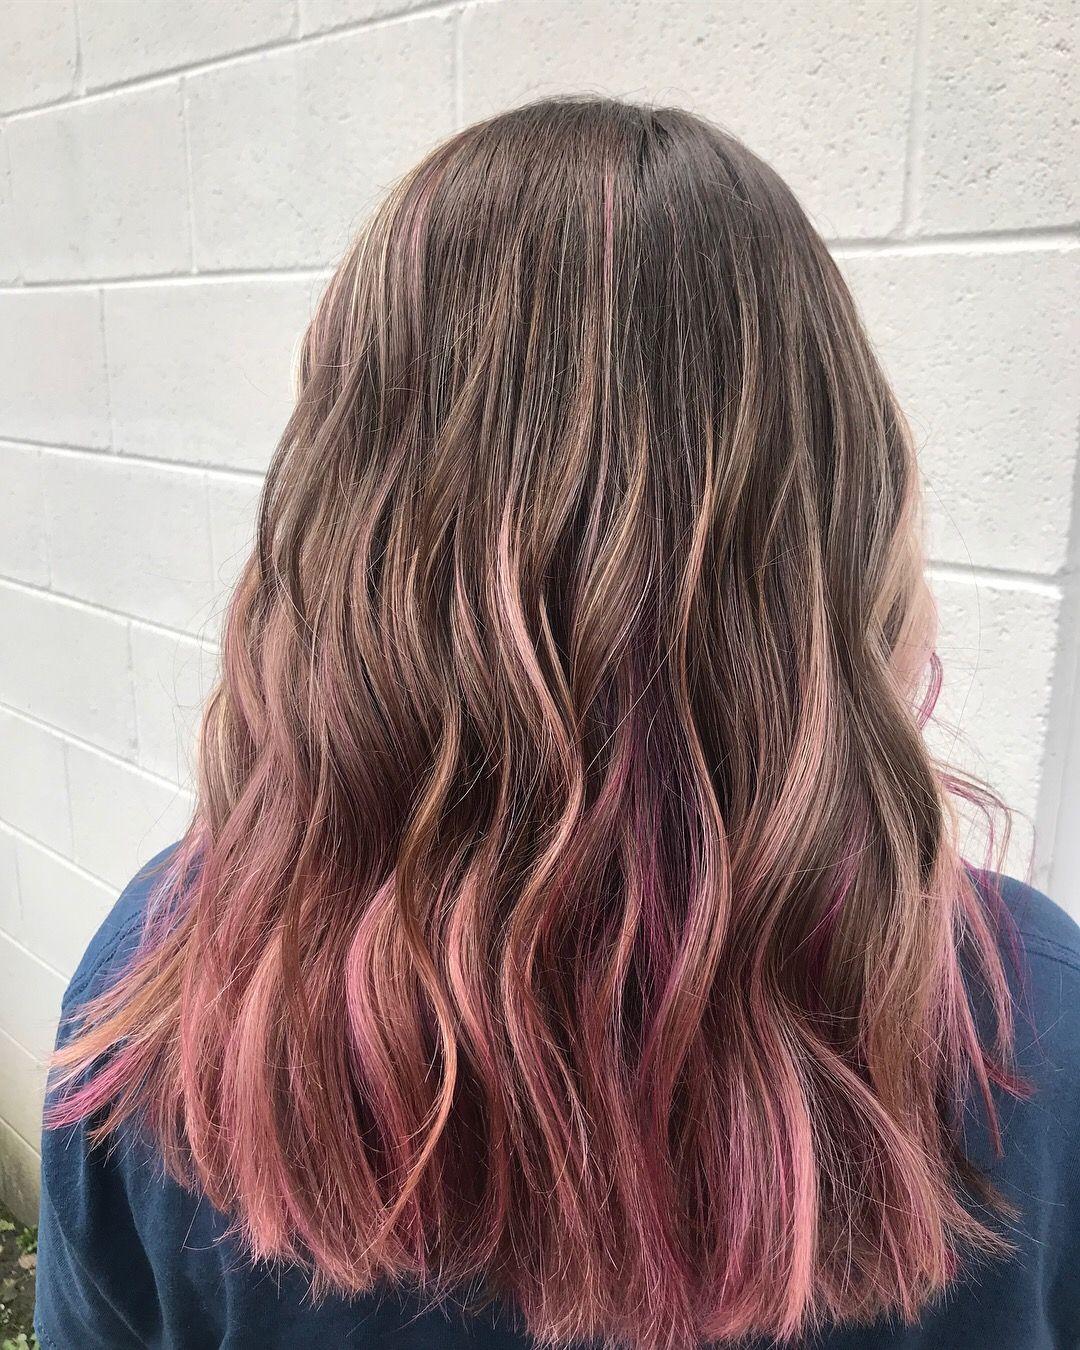 Completed Clarissa Terpaksa Pulang Ke Indonesia Karena Ada Sesuatu Fiksiremaja Fiksi Remaja Amrea Di 2020 Warna Rambut Panjang Warna Rambut Warna Rambut Merah